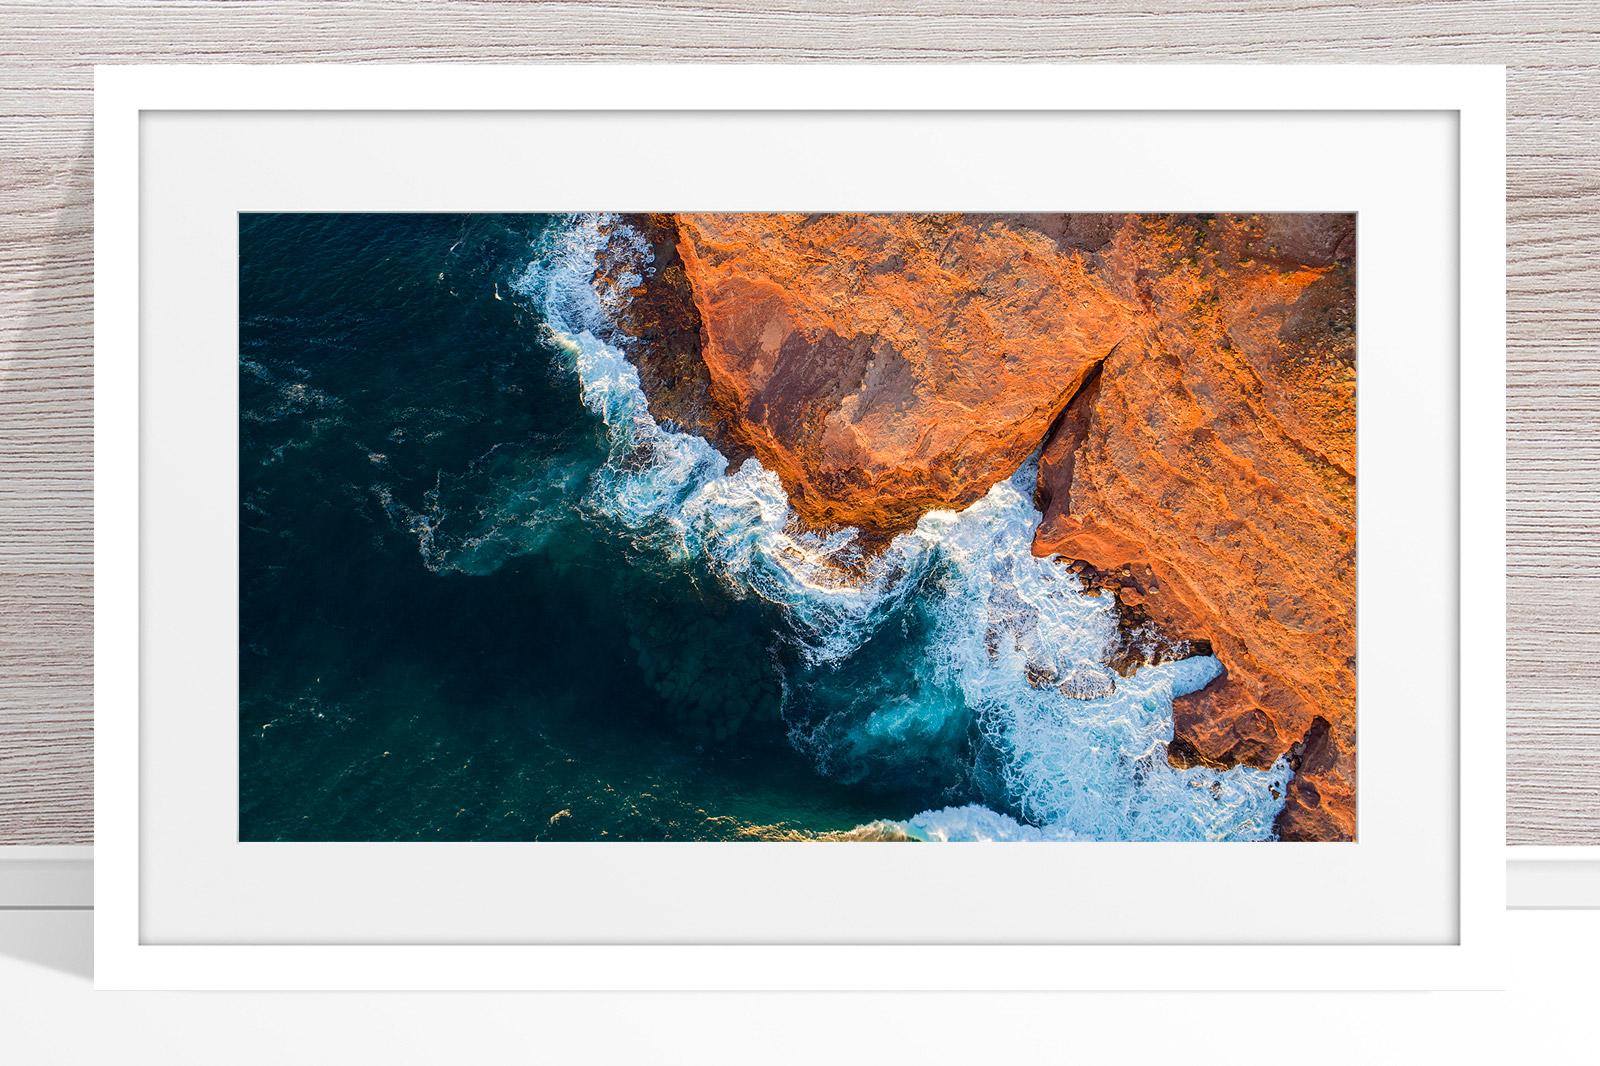 008 - Jason Mazur - 'Kalbarri Coastline' White Frame